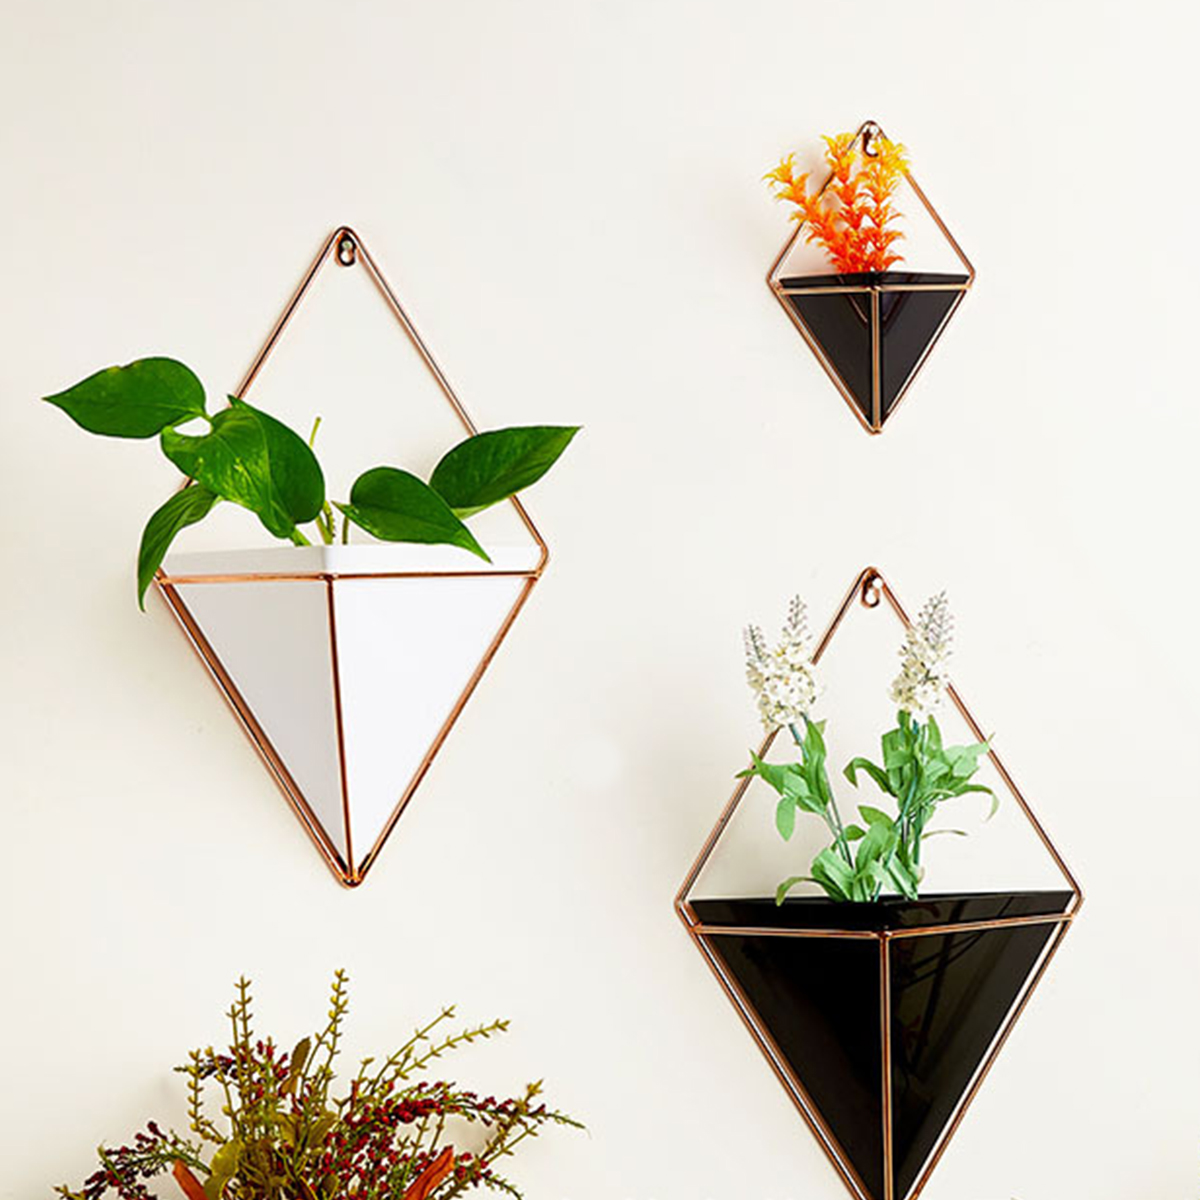 Acryl Bloempot + Iron Plant Houders Set Indoor Opknoping Planter Geometrische Vaas Muur Decor Container Vetplanten Planten Potten